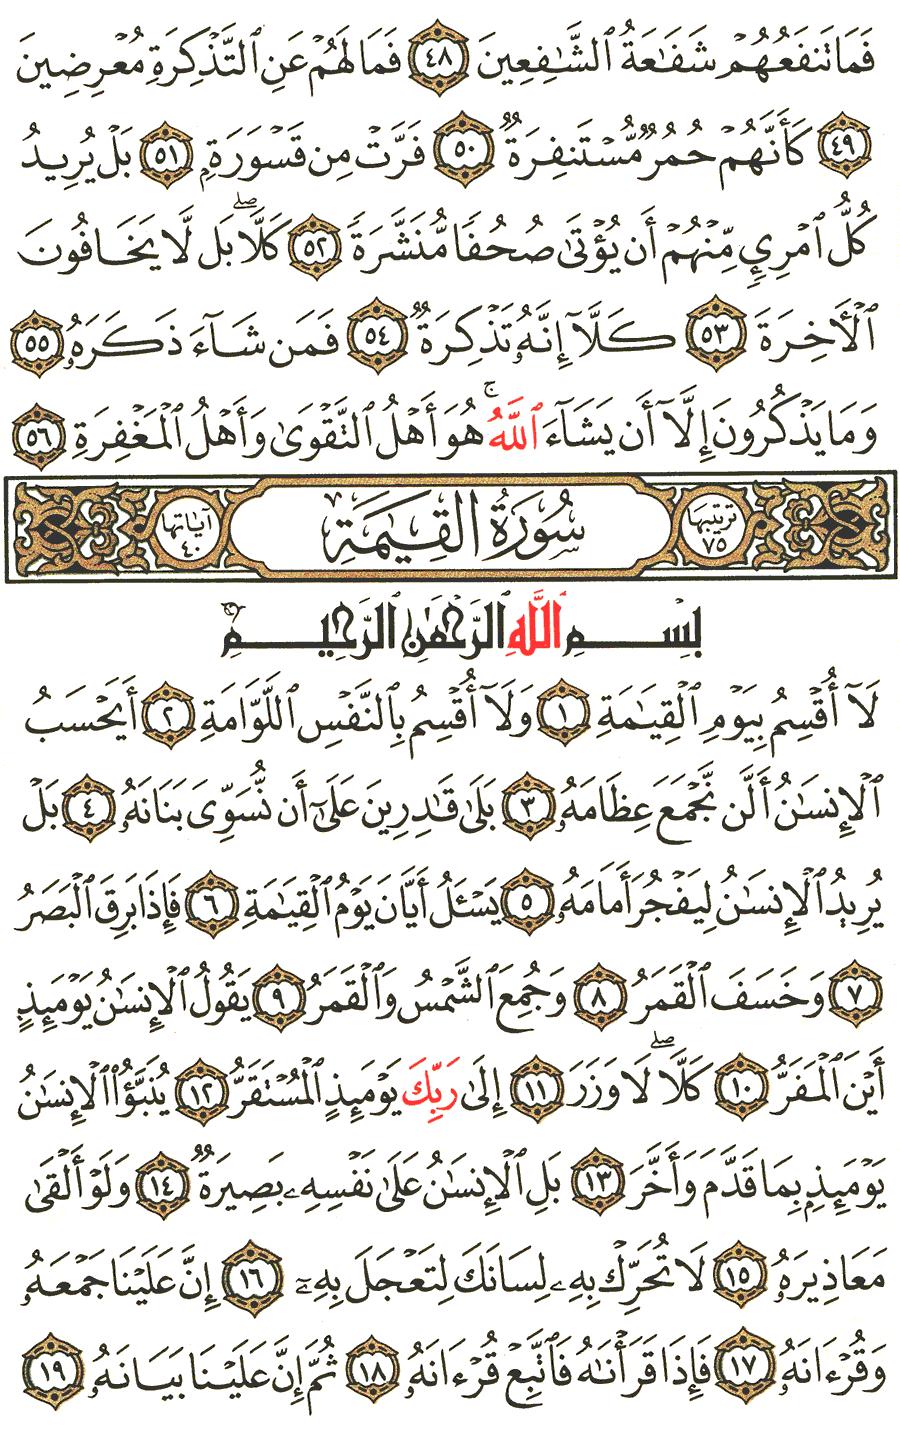 الصفحة رقم 577 من القرآن الكريم مكتوبة من المصحف